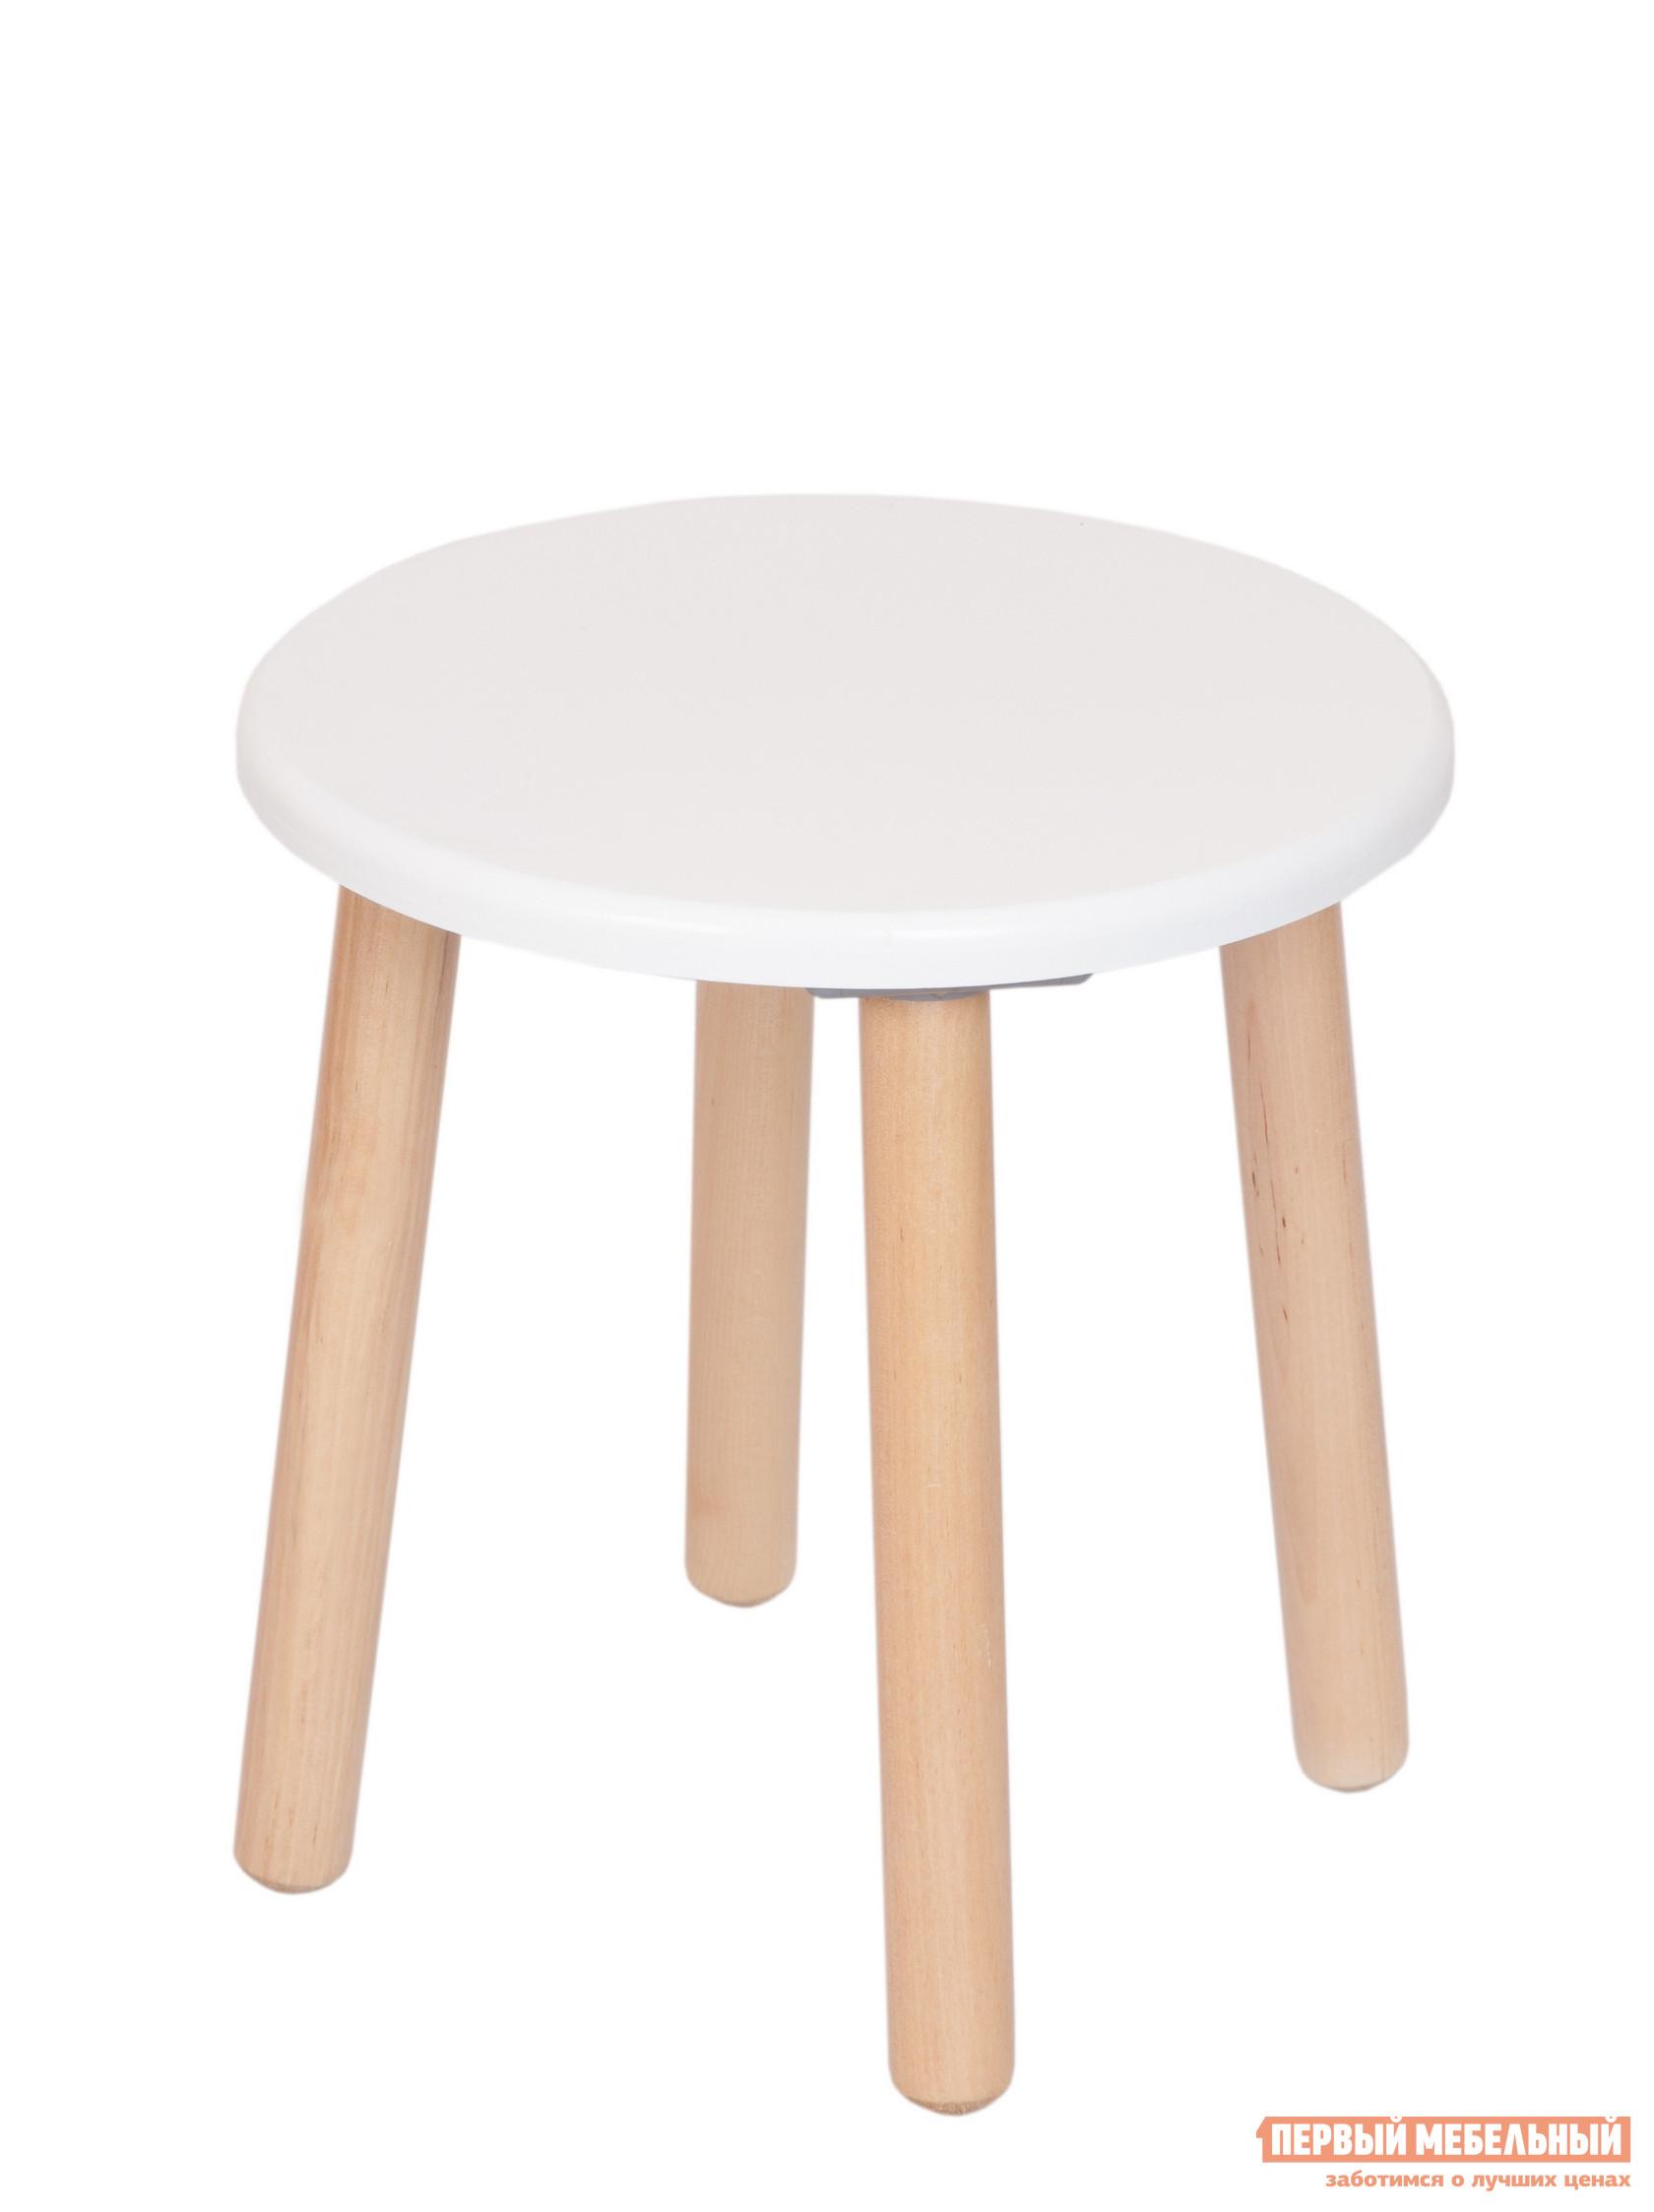 Столик и стульчик РусЭкоМебель Табурет ЭКО Эко белый